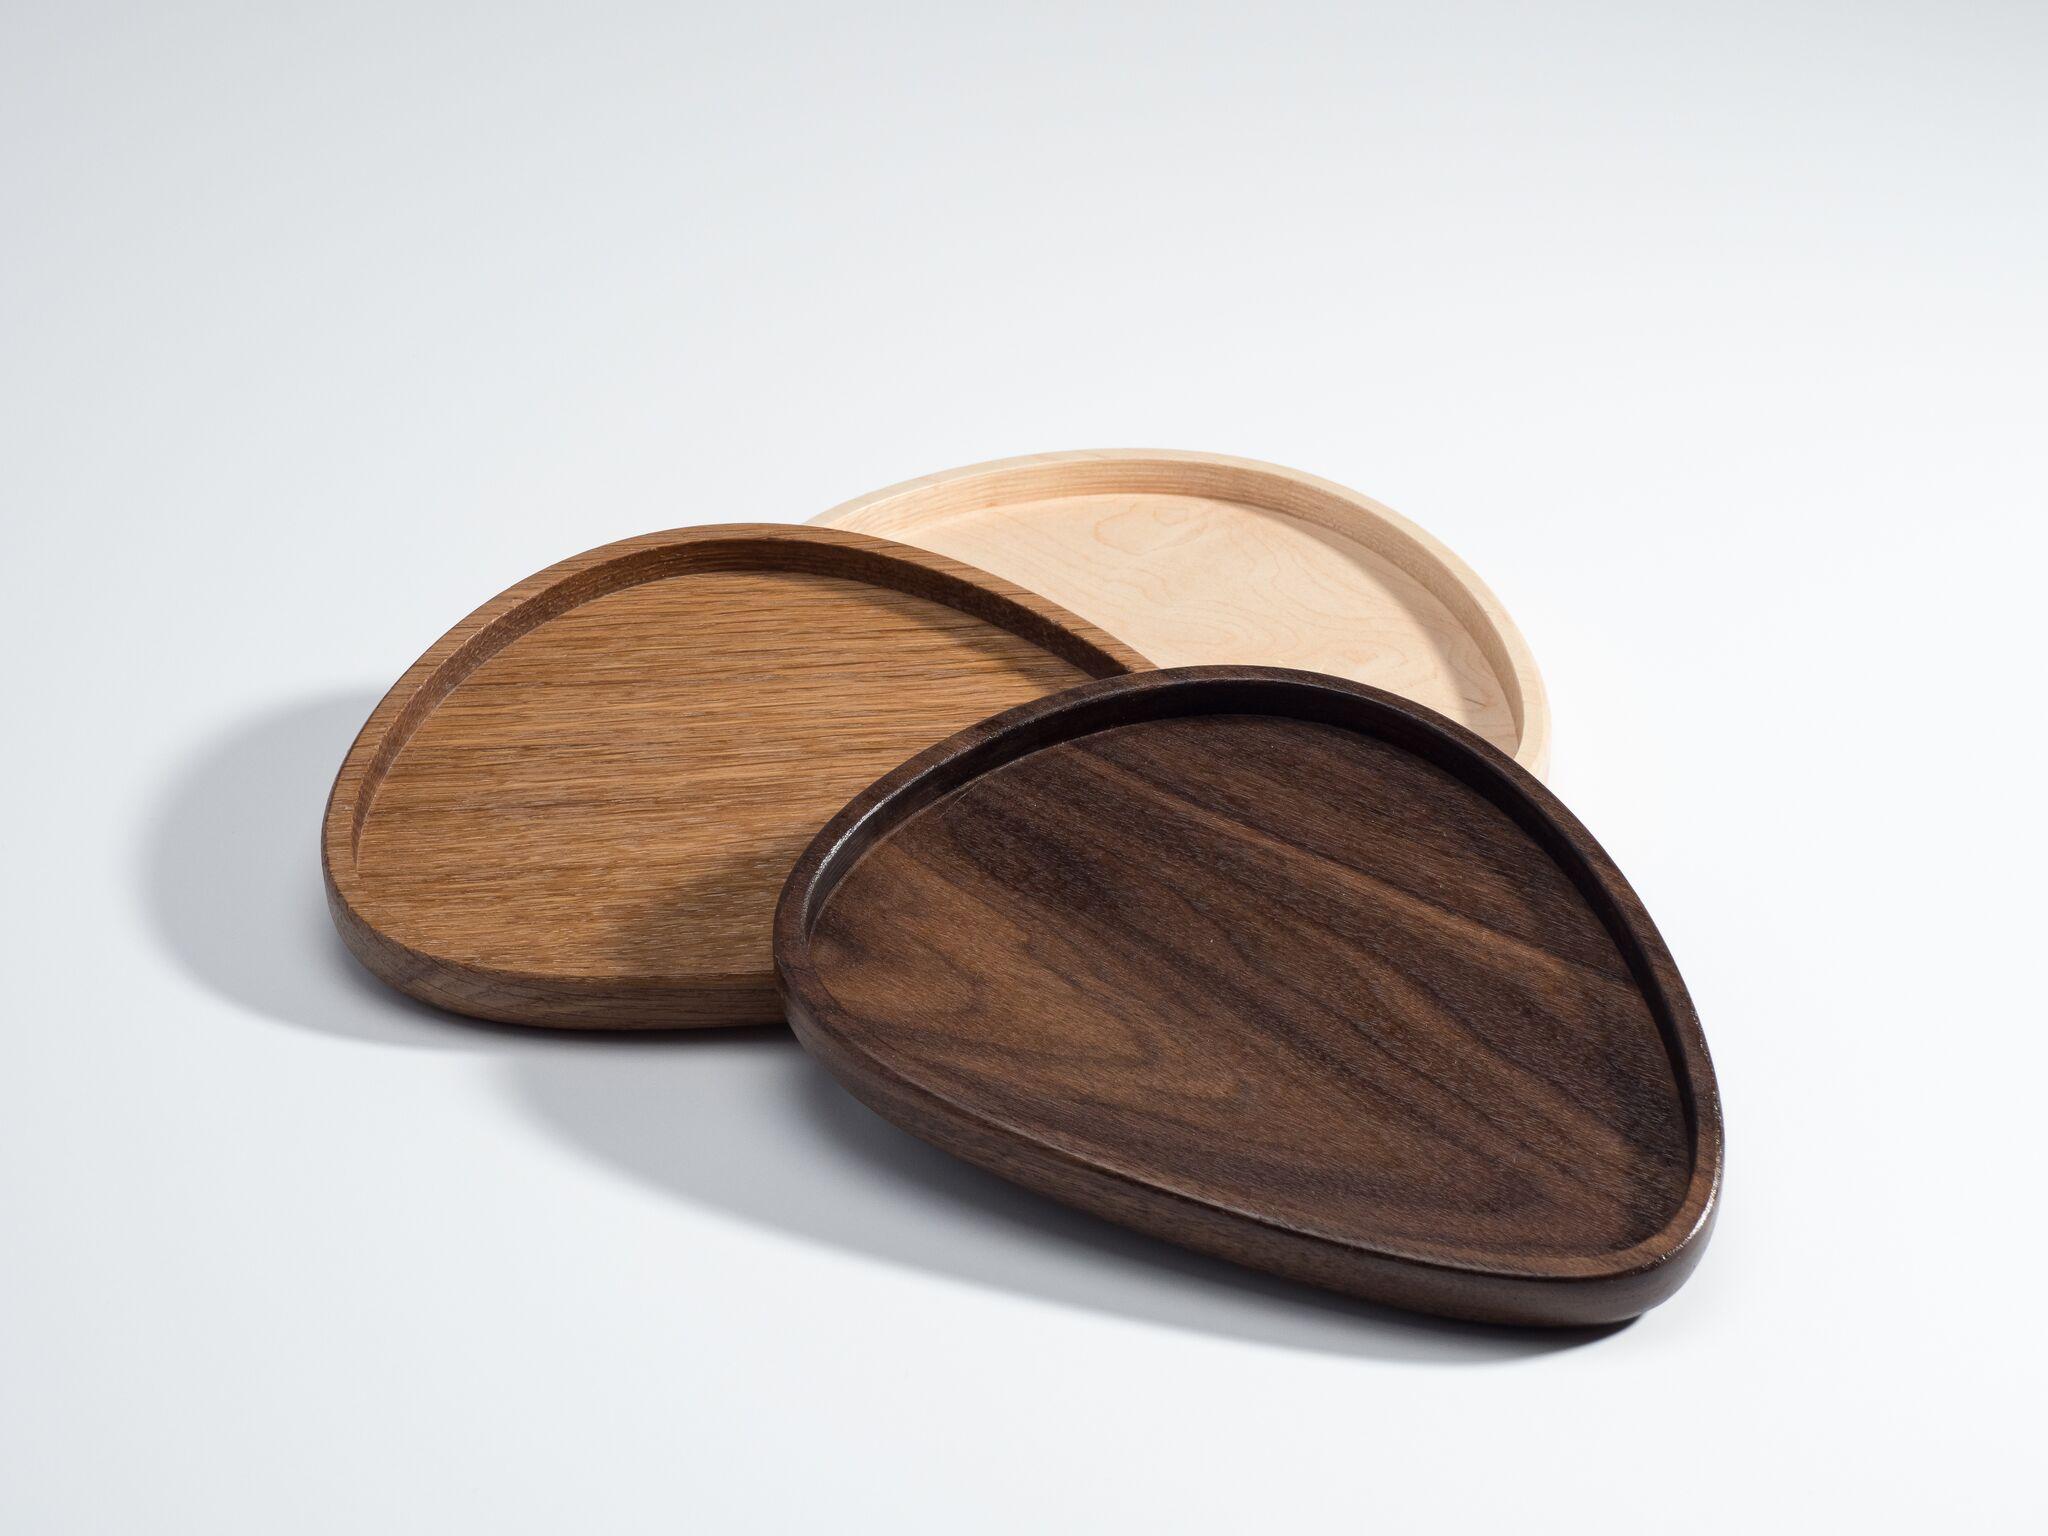 pebble-trays1.jpeg